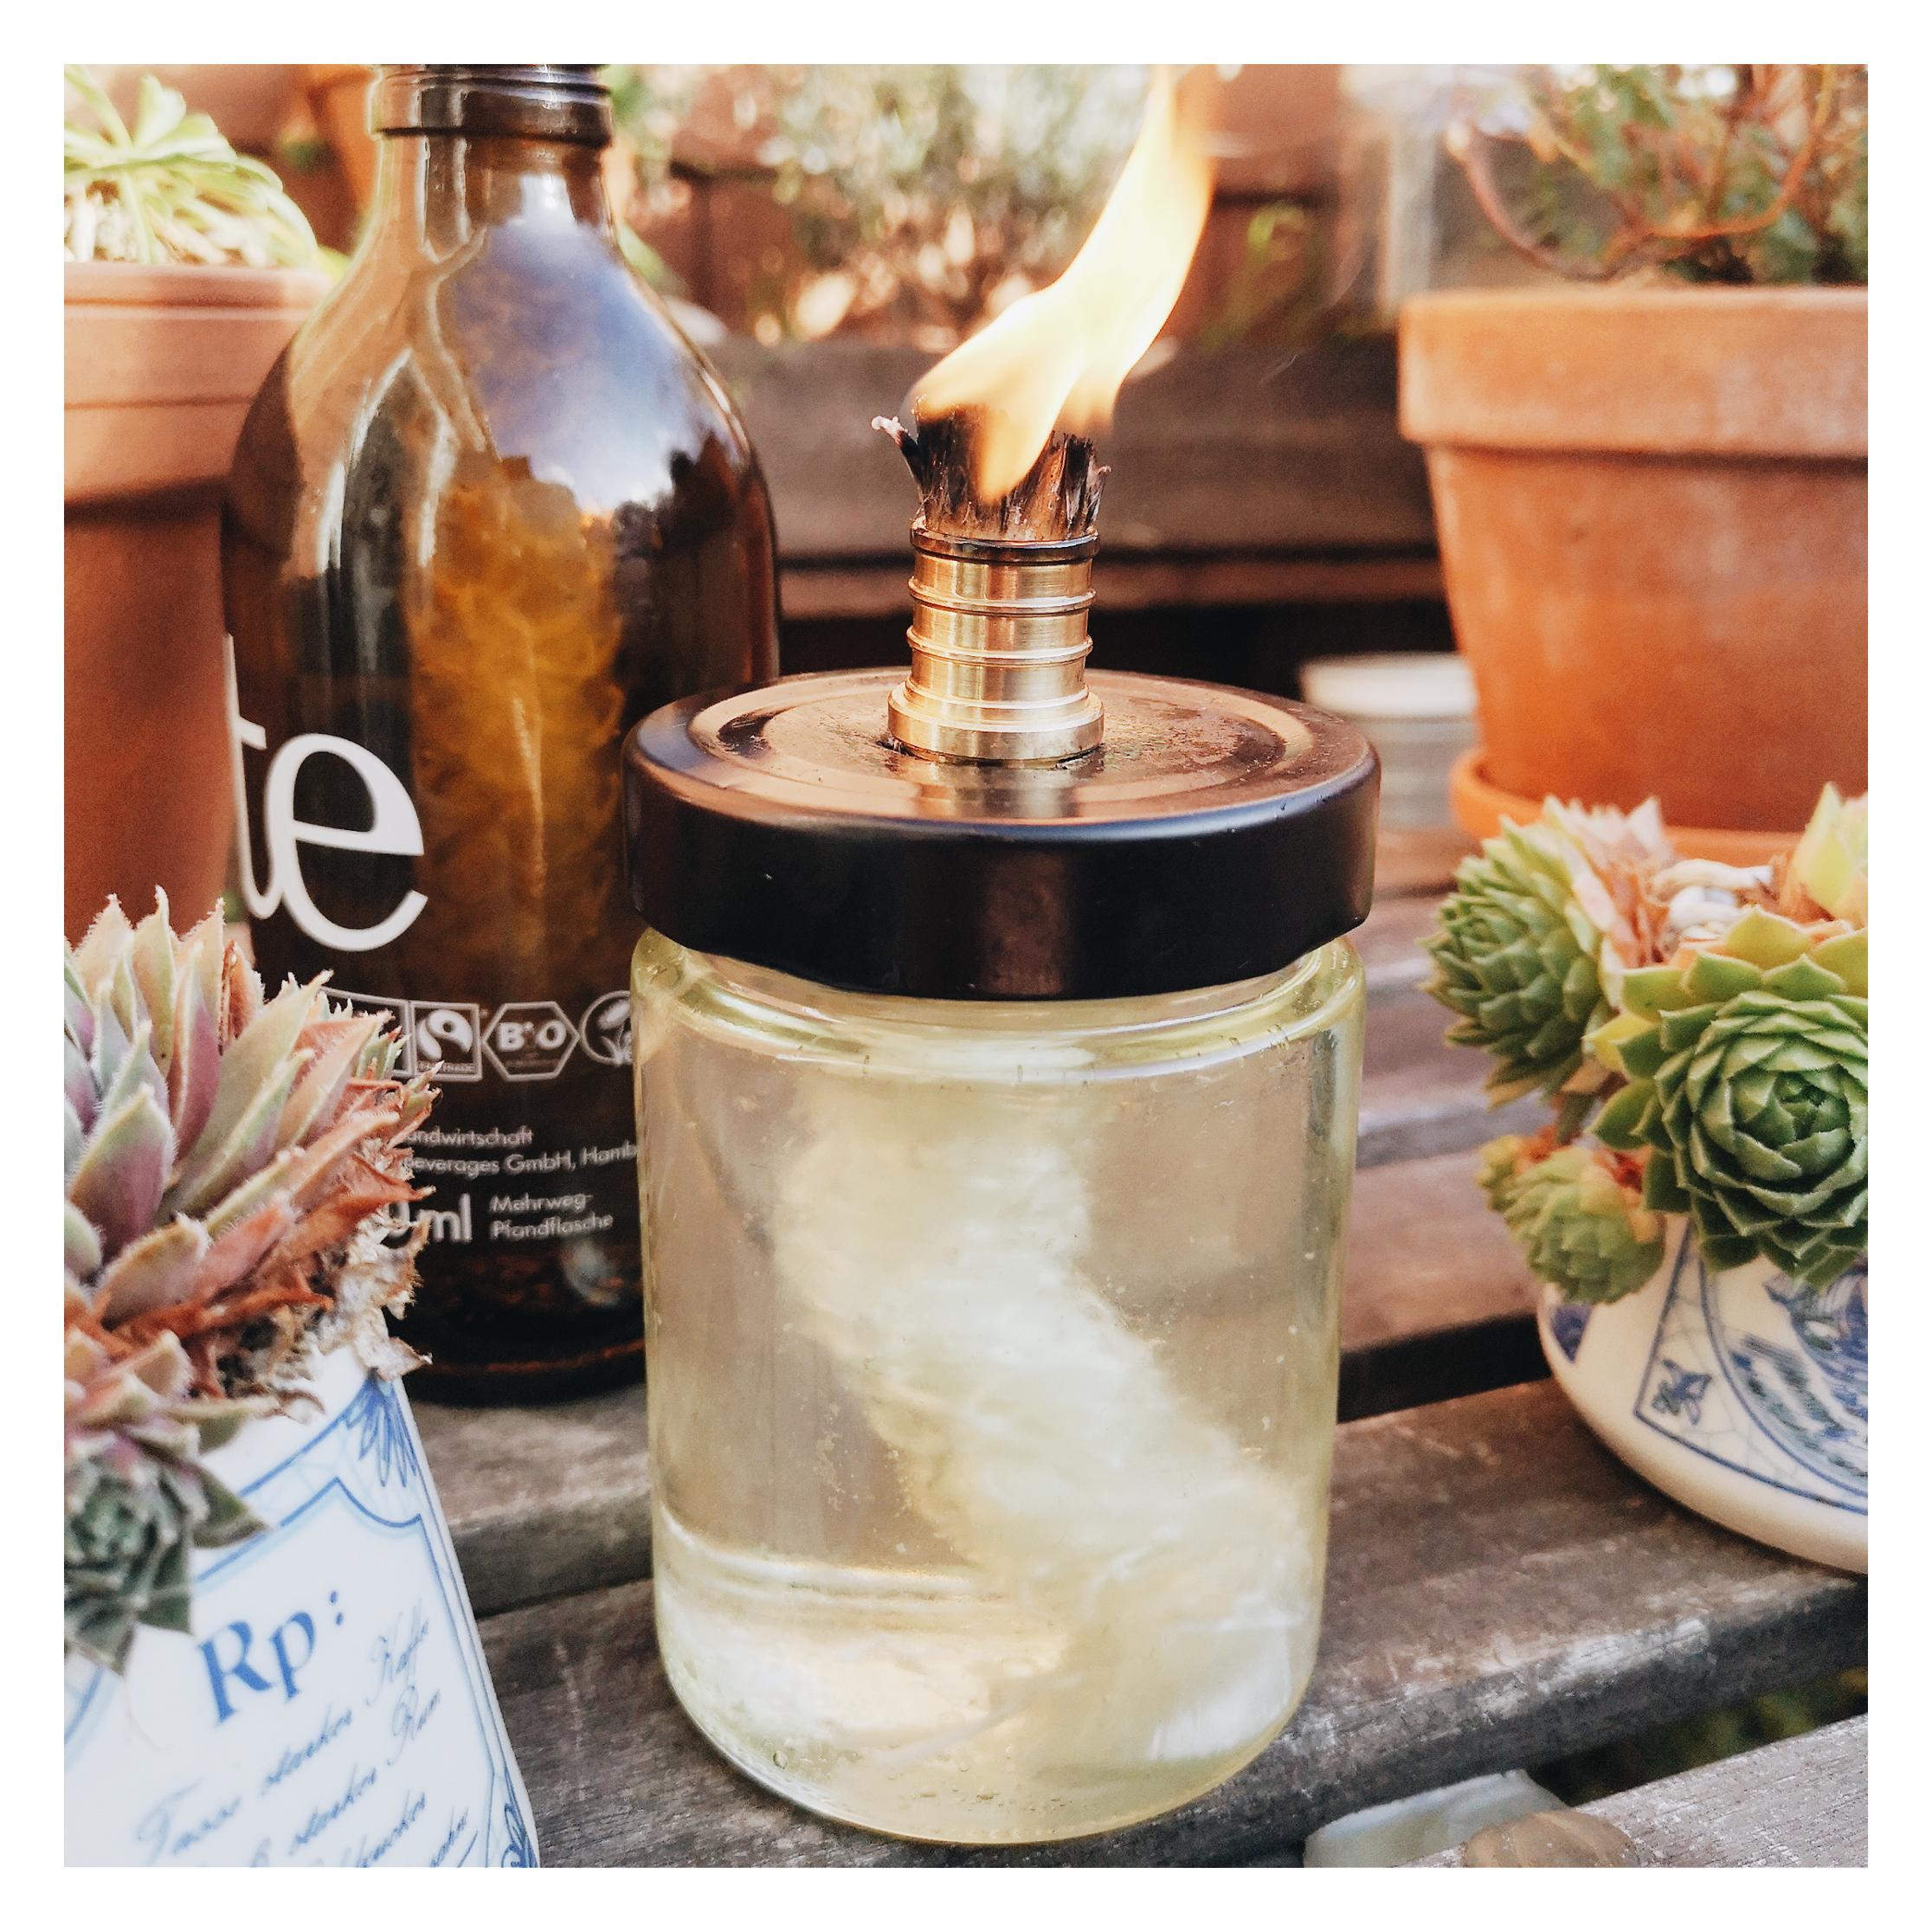 Ölkerze selber machen: Anleitung mit Pflanzenöl: nachhaltige Alternative für Kerzen!